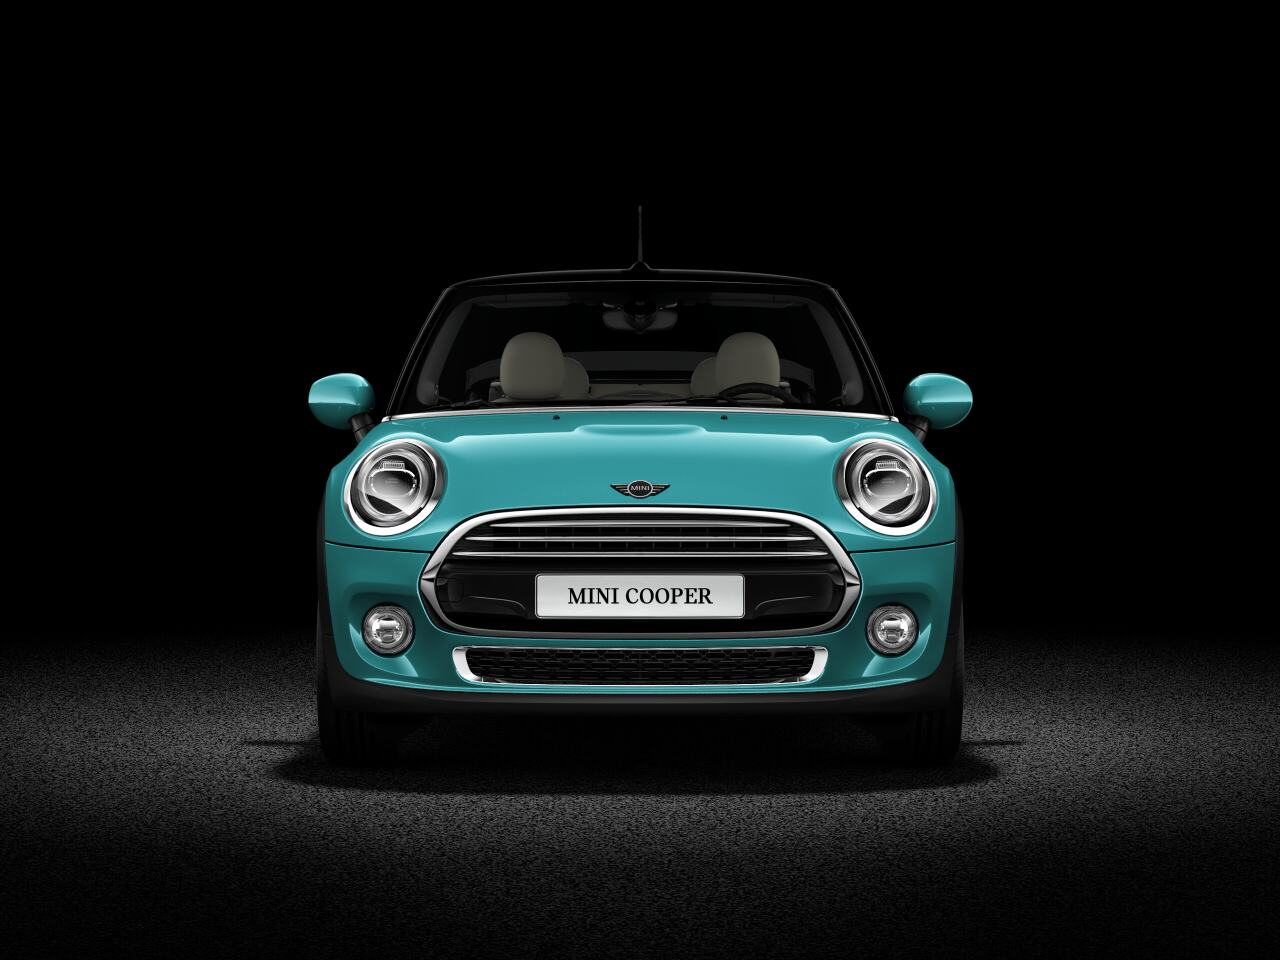 MINI Cooper Convertible front profile